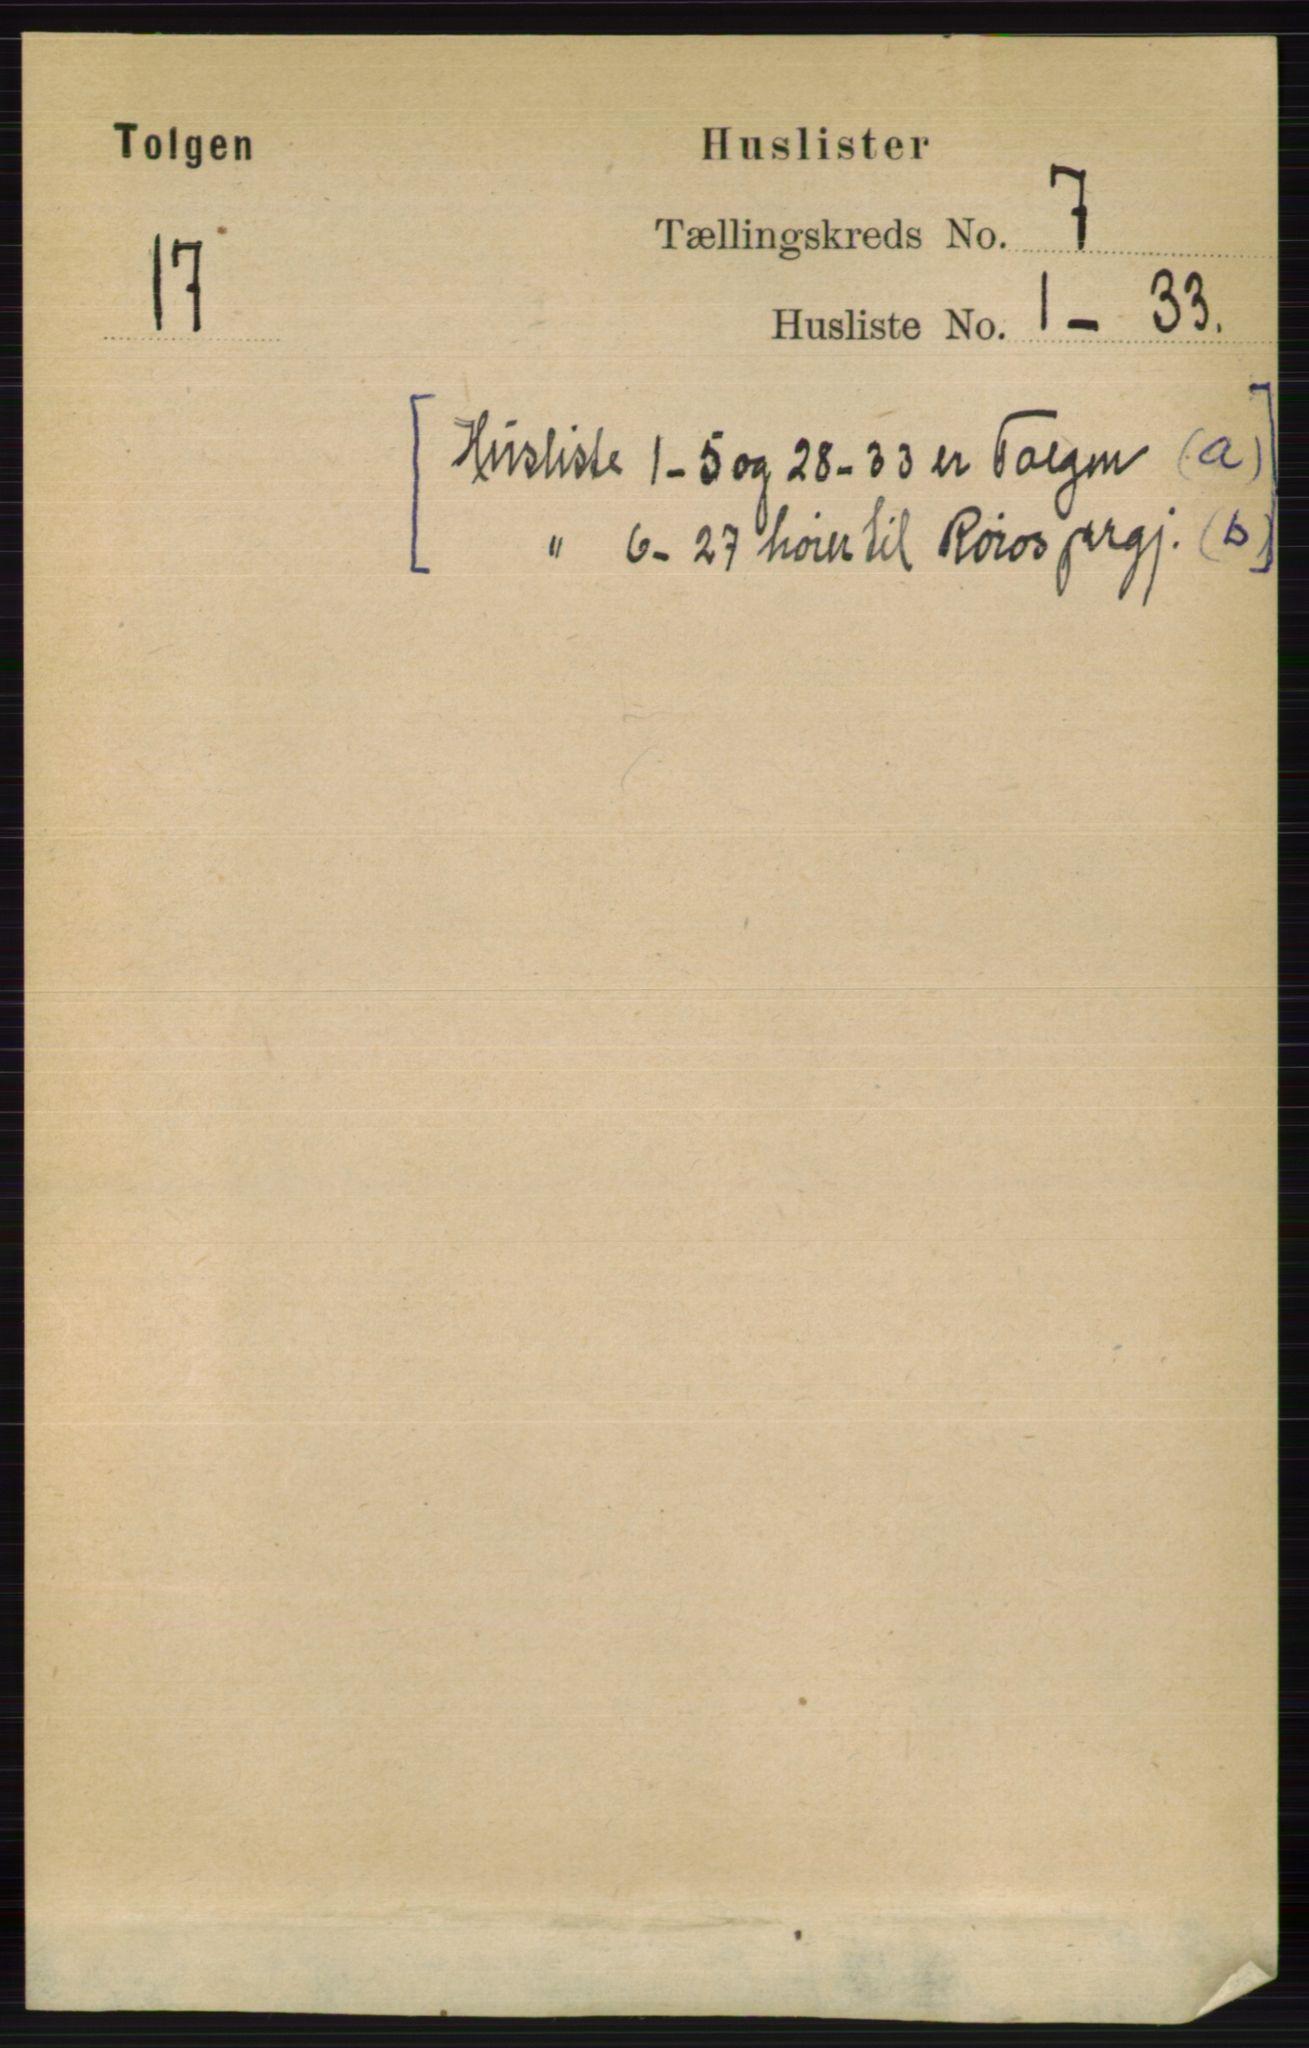 RA, Folketelling 1891 for 0436 Tolga herred, 1891, s. 1987